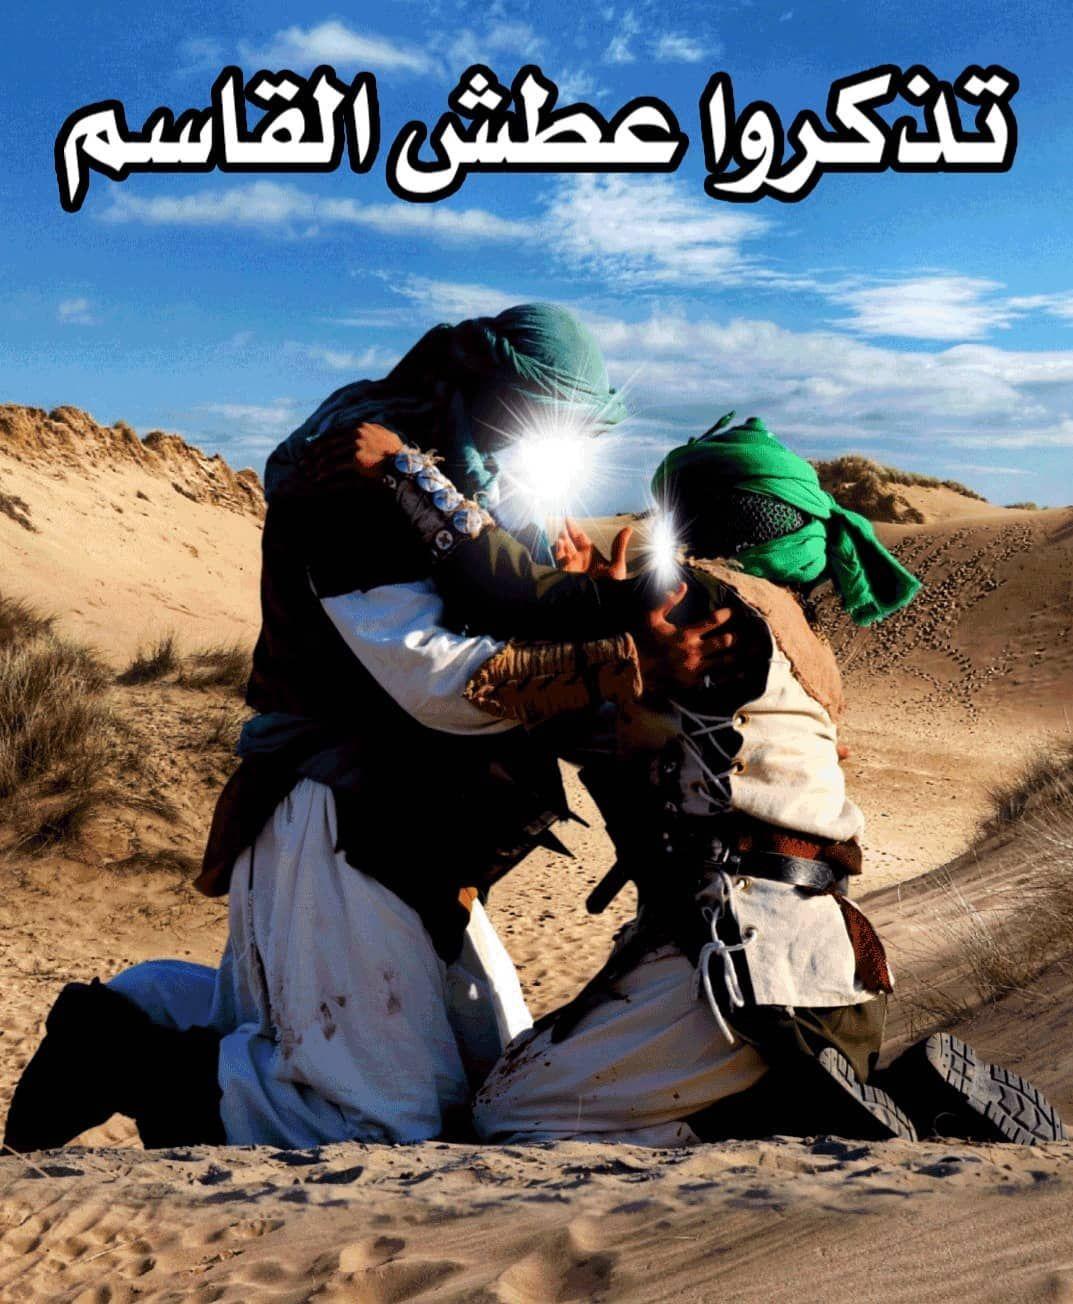 القاسم بن الحسن بن علي بن أبي طالب الهاشمي القرشي Qasim Ibn Al Hasan Doodle Quotes Doodles Movie Posters